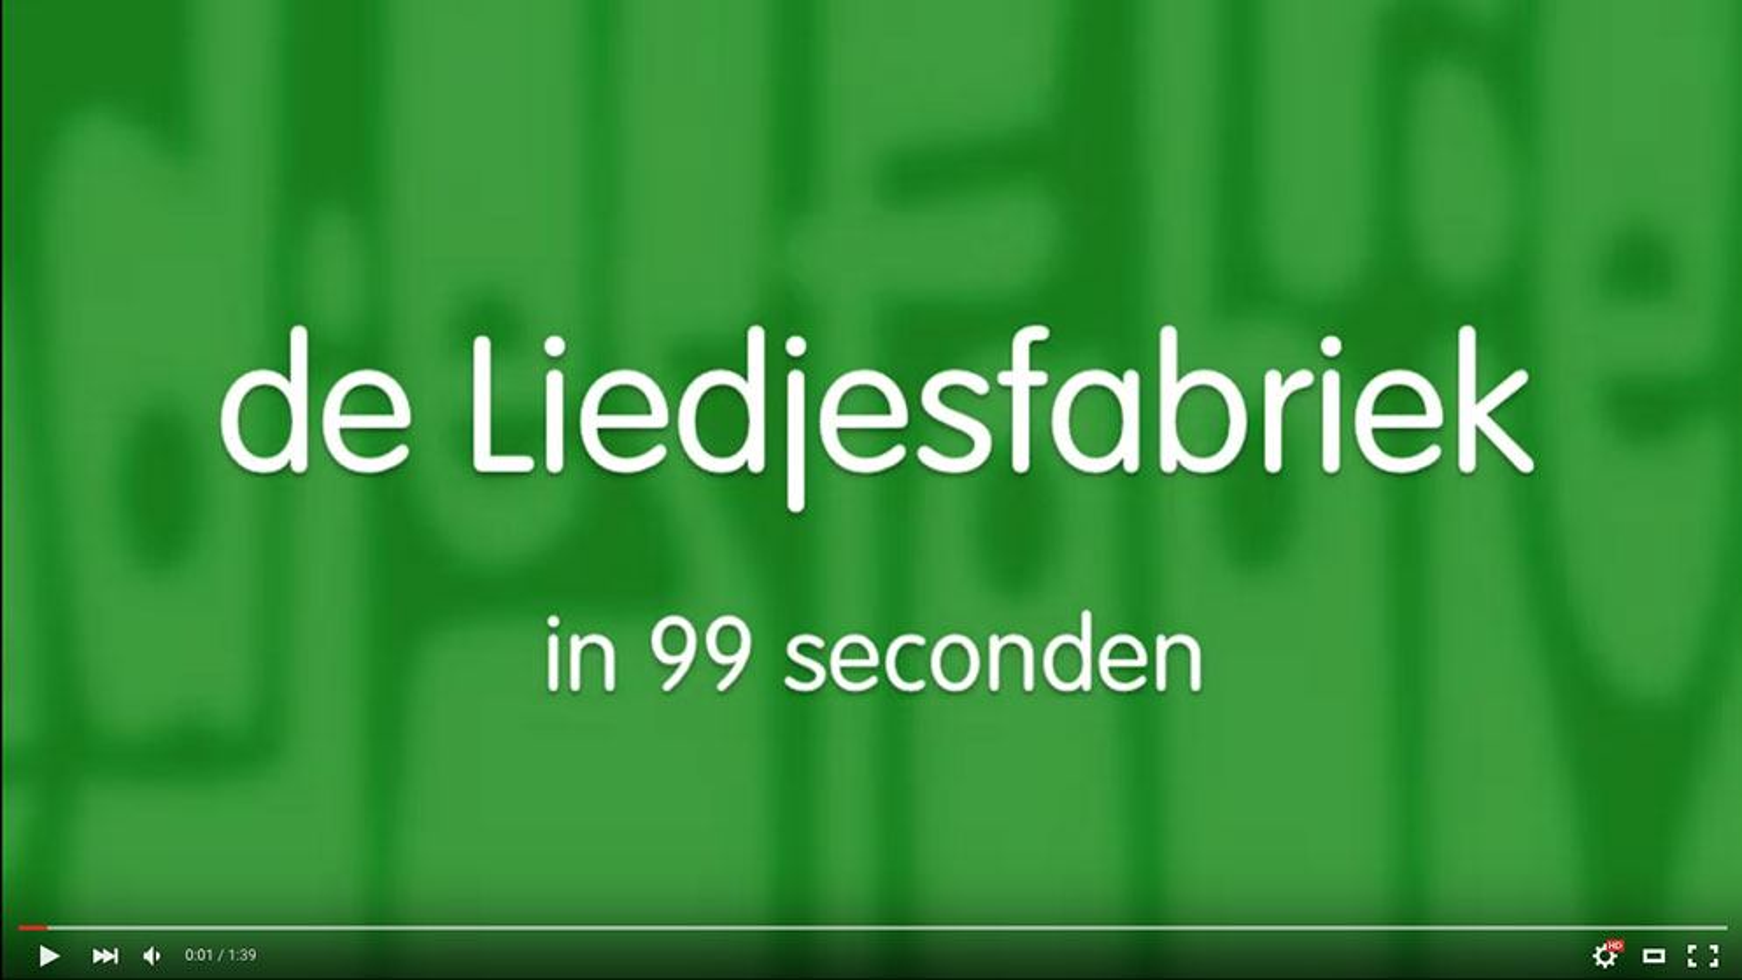 Video de Liedjesfabriek in 99 seconden